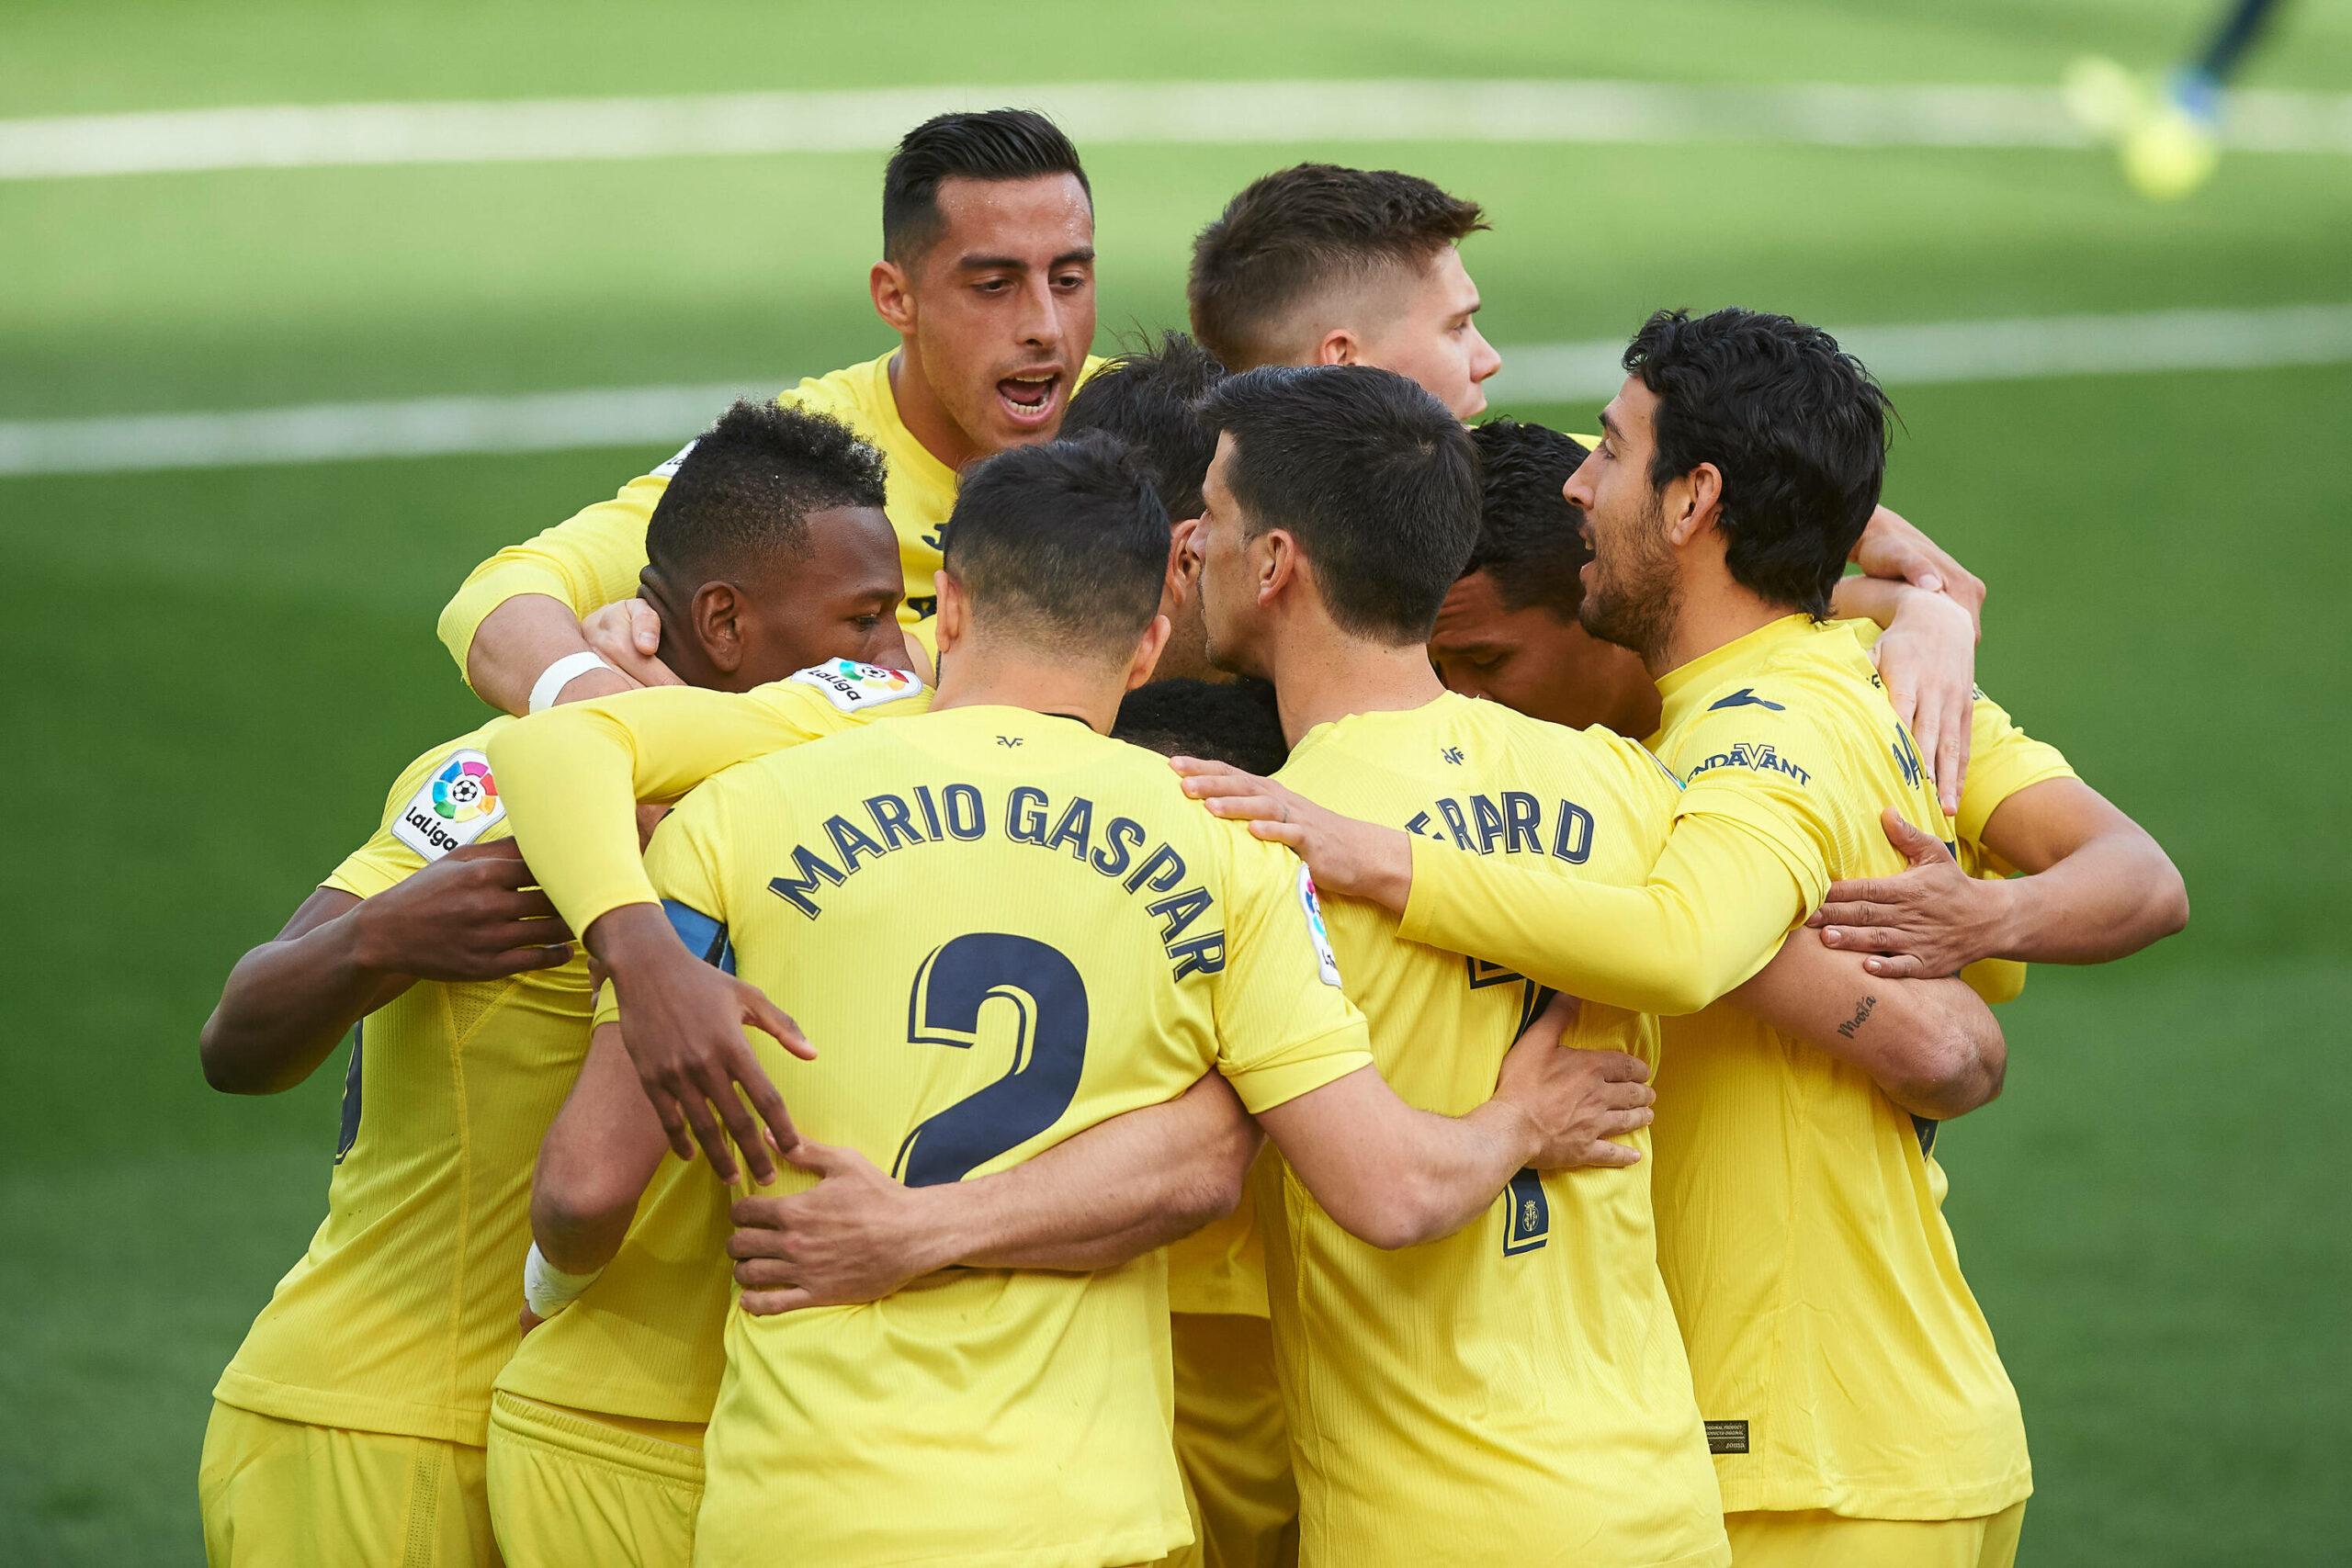 Team von Villarreal bejubelt Tor